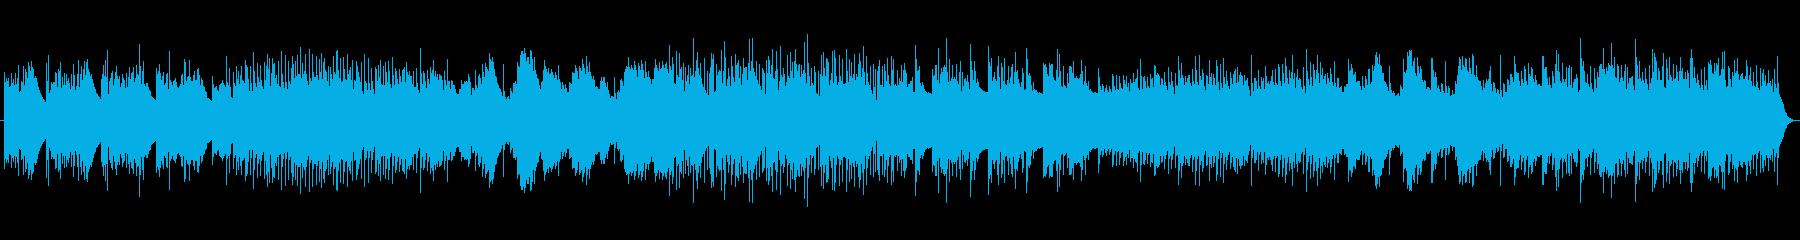 マリンバとダークパッドをフィーチャ...の再生済みの波形